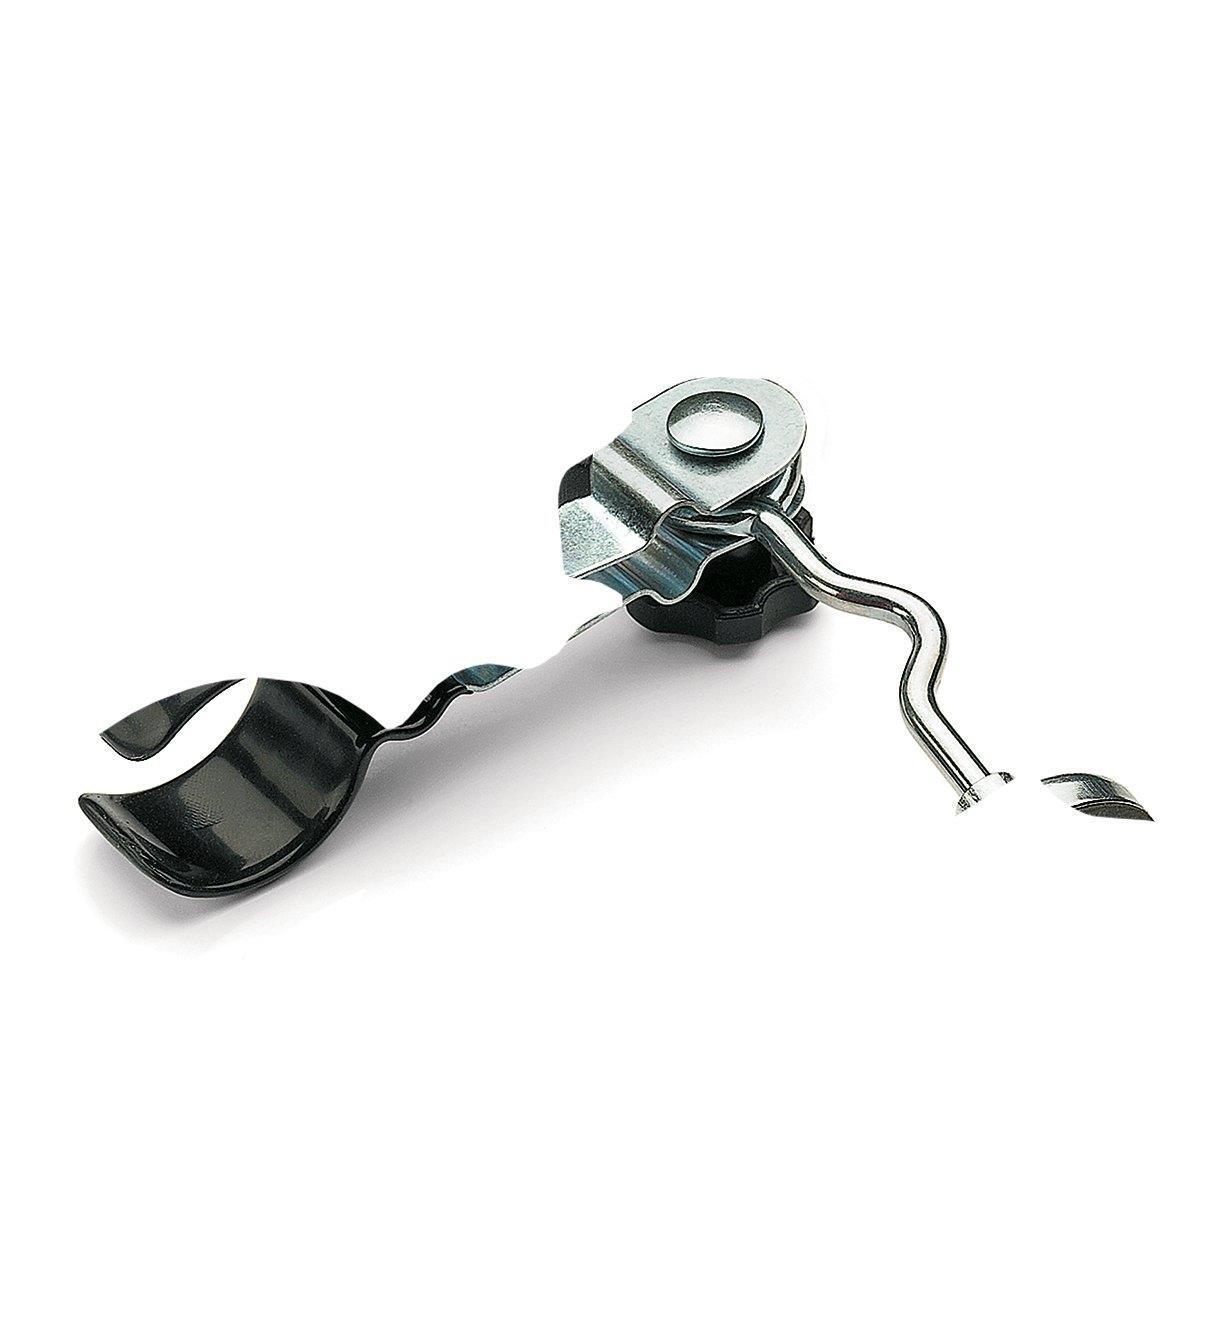 67K7440 - Support pour lampe de poche